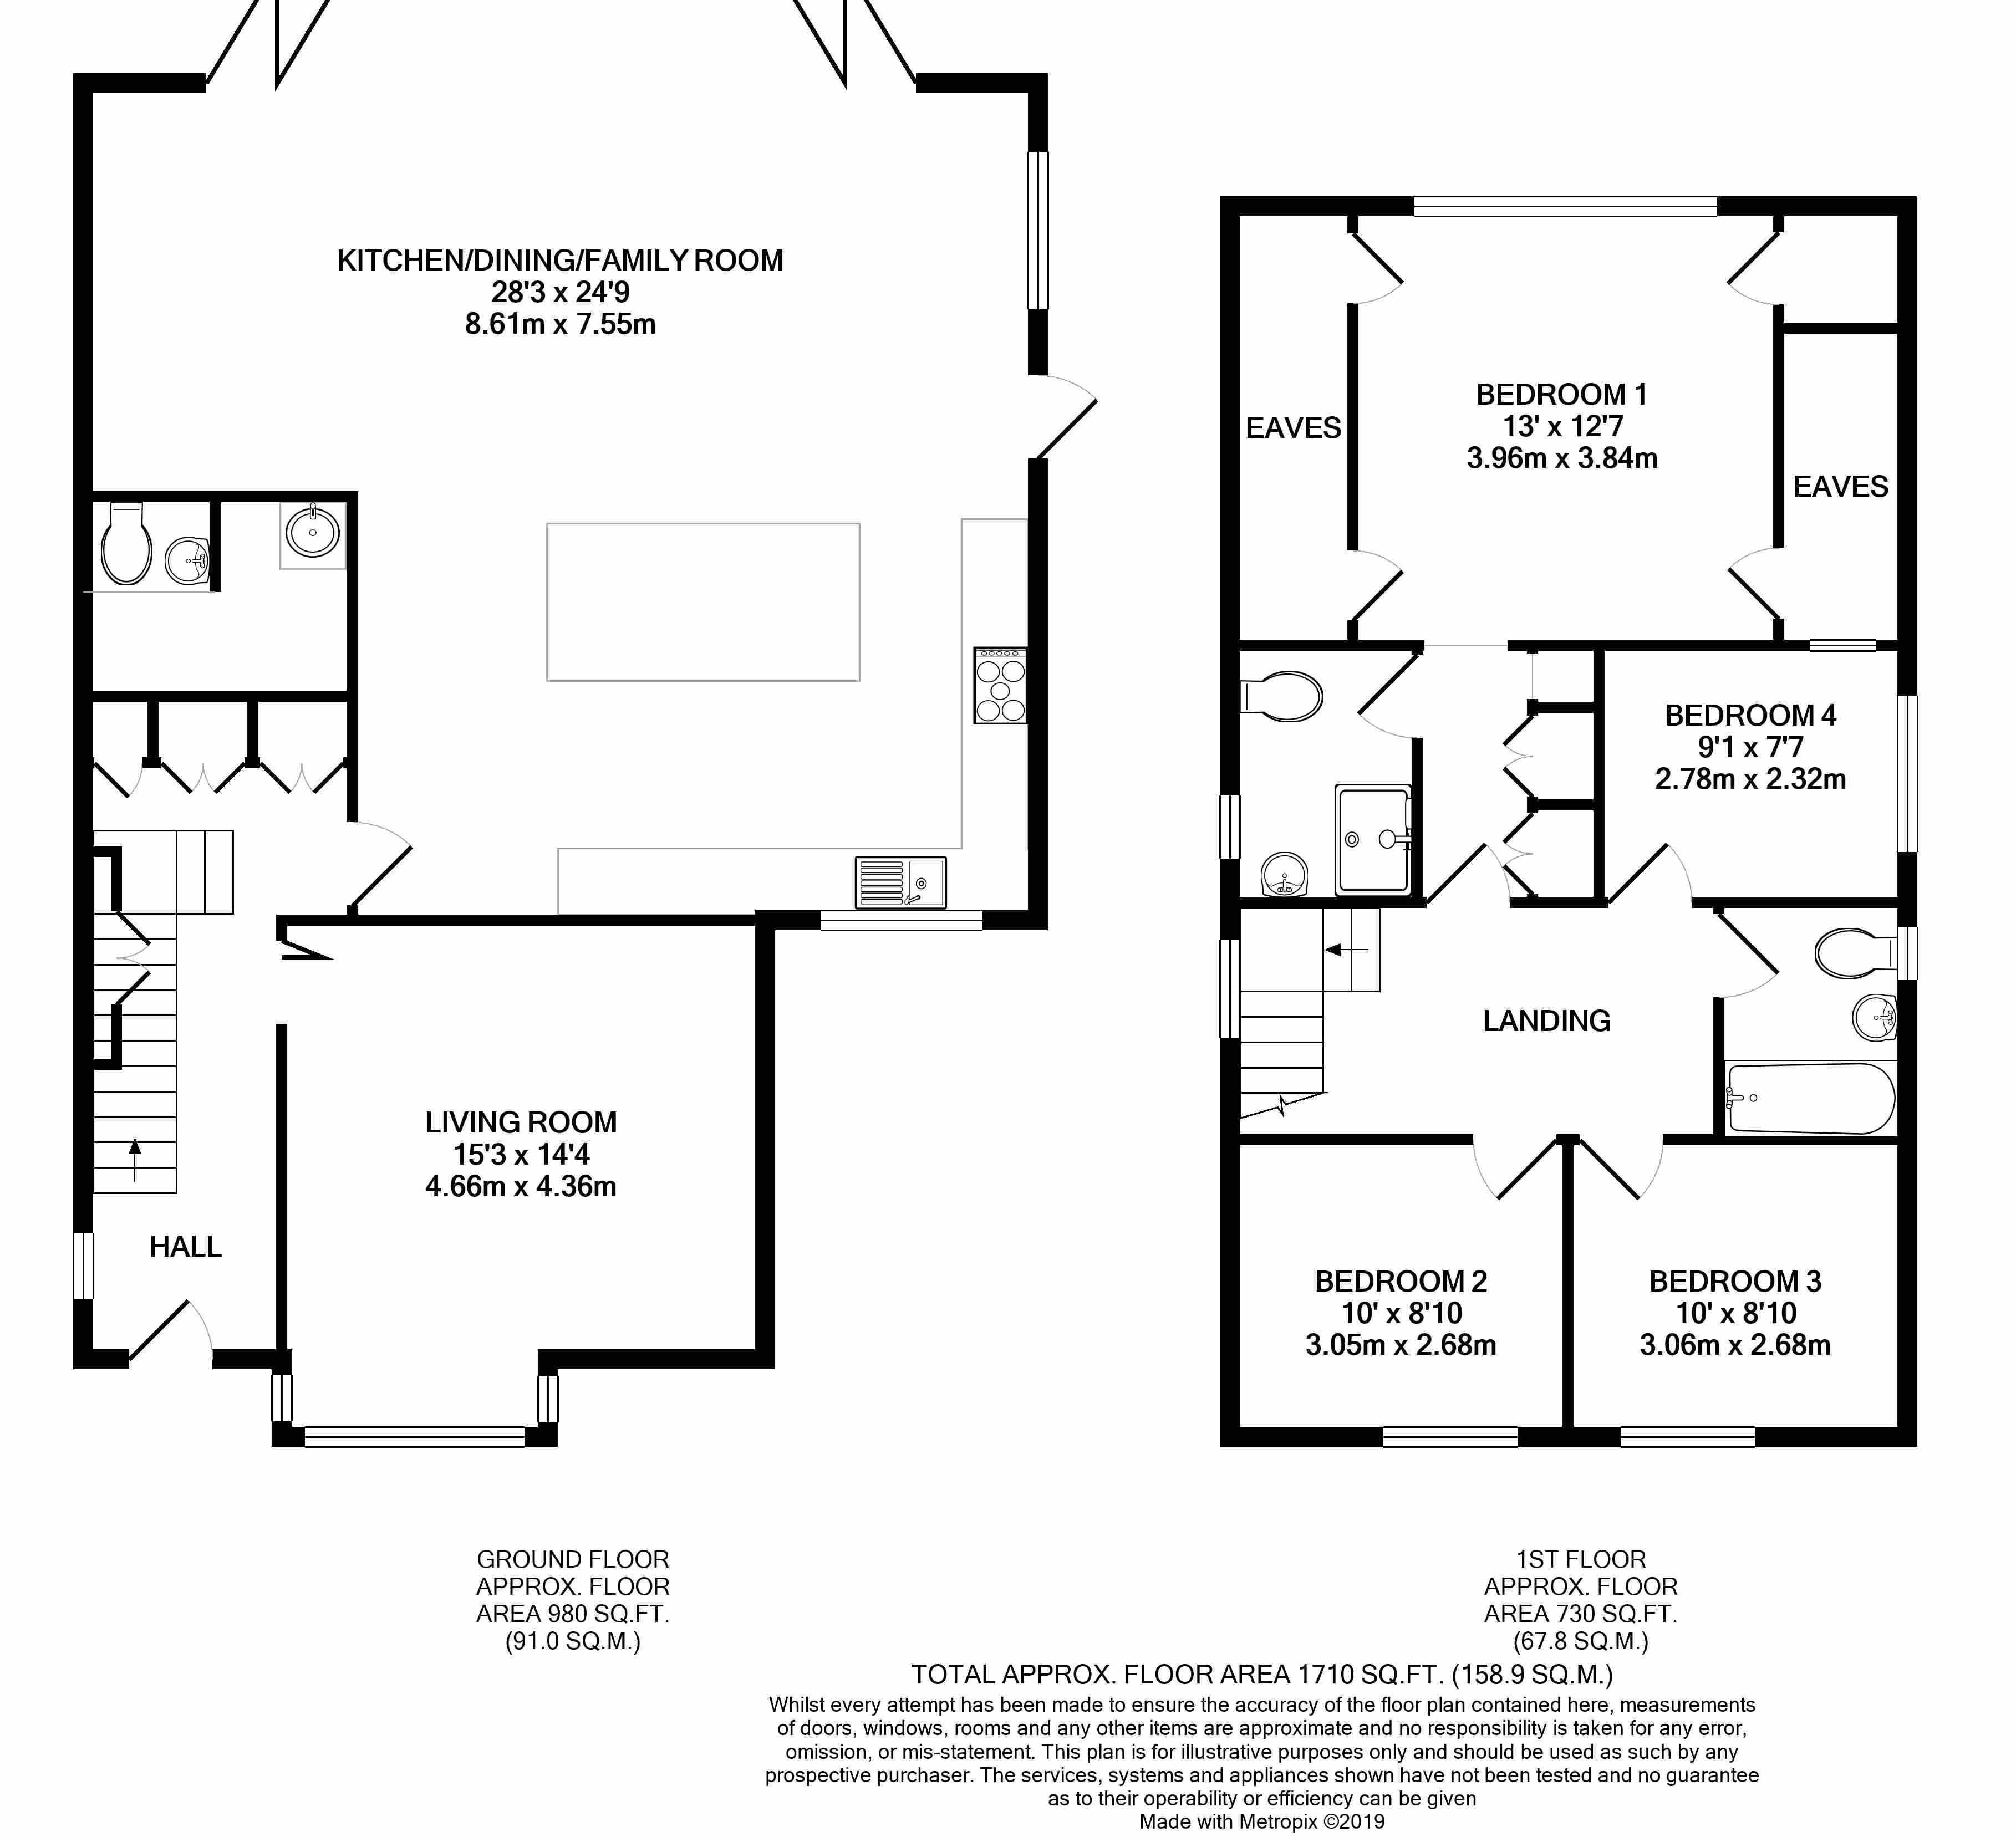 Property In Middleton Drive, Pinner, HA5 2PG